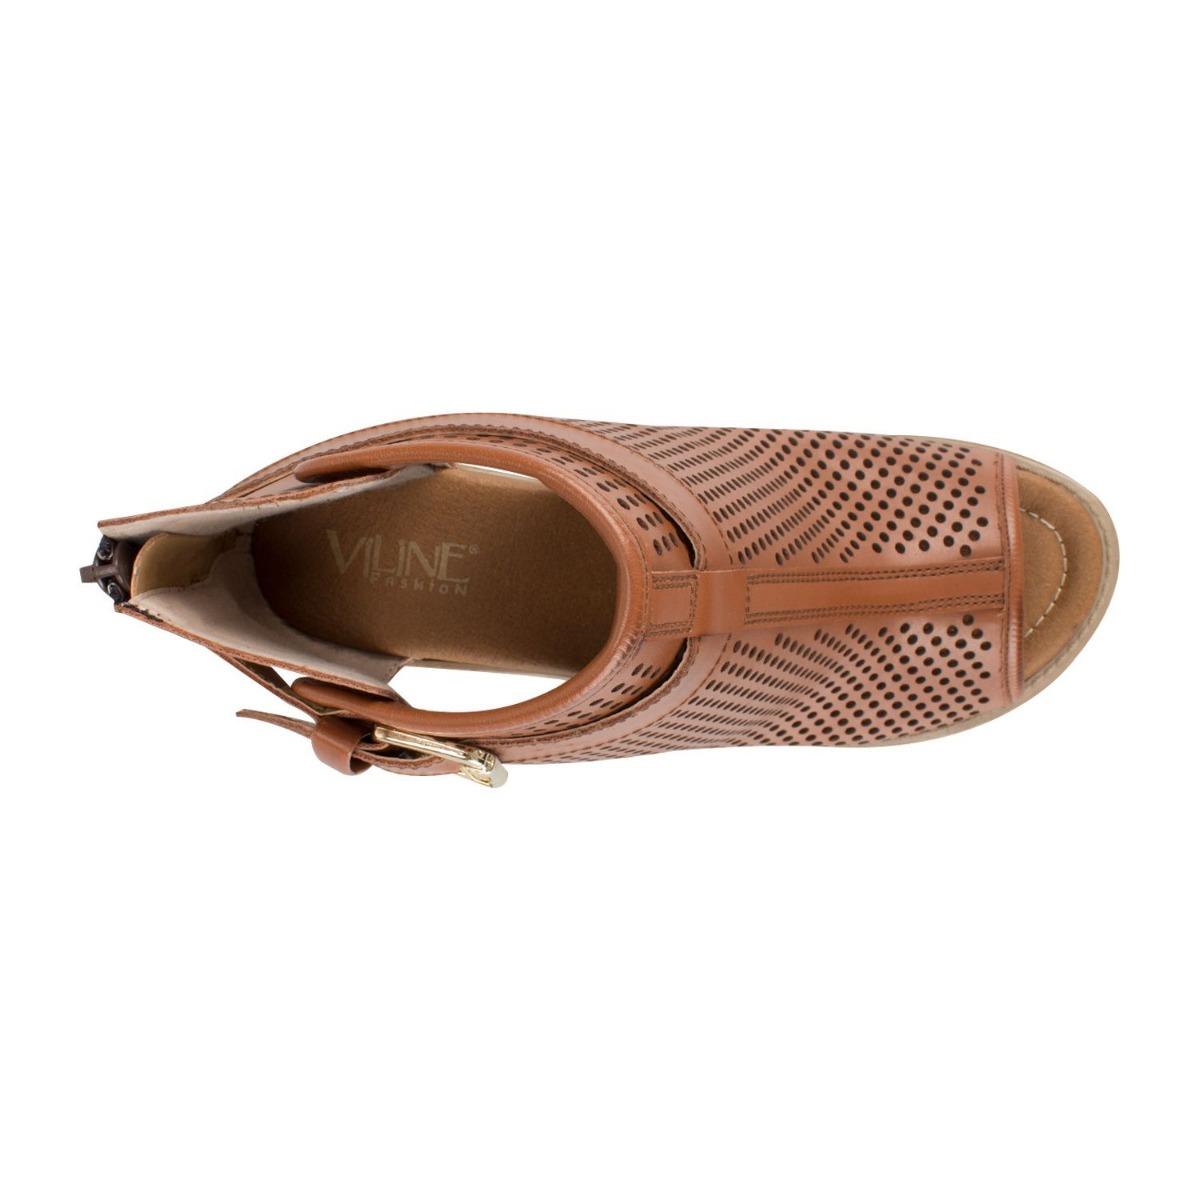 d2fec3be Sandalia Botin Vi Line Fashion Camel Sintetico Sn23 A - $ 529.00 en ...